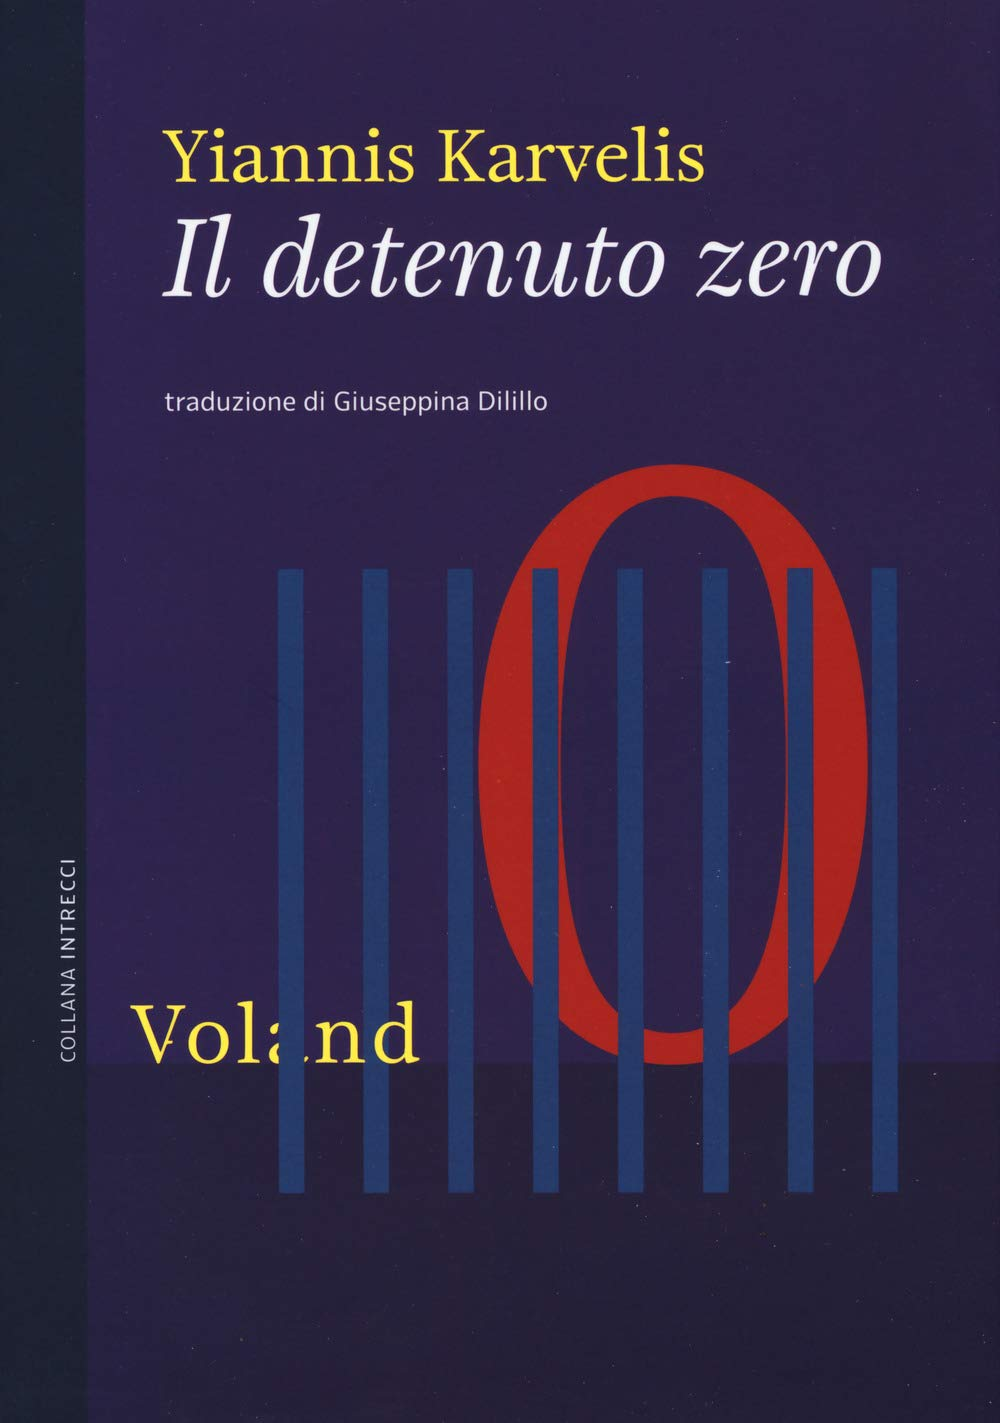 Recensione di Il Detenuto Zero – Yiannis Karvelis